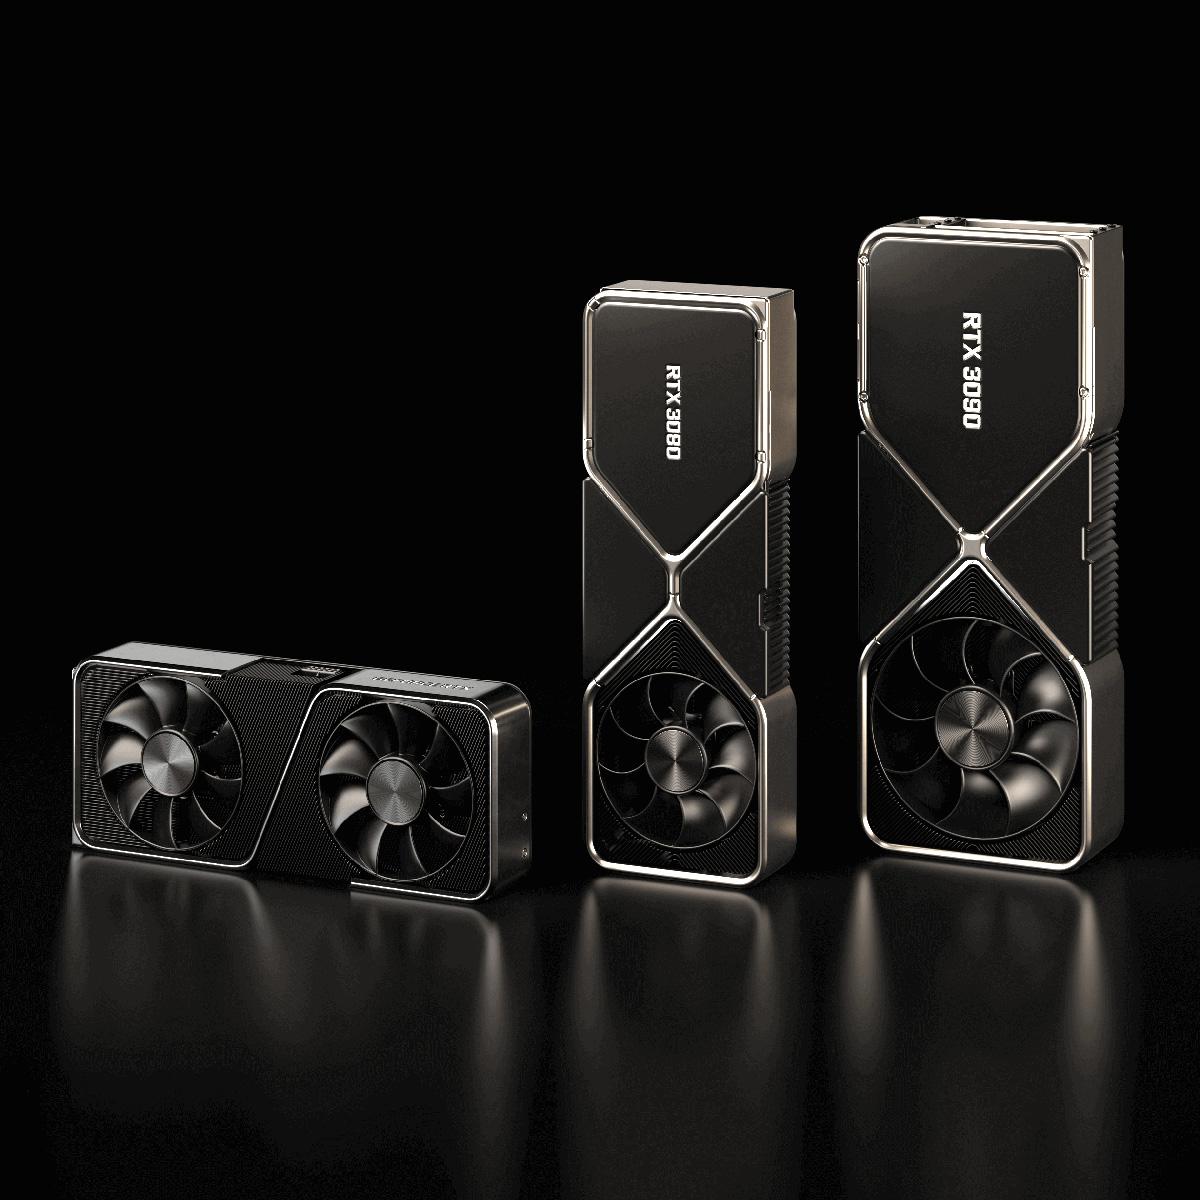 前世代比で最大2倍高性能! NVIDIAからAmpereアーキテクチャー採用のGeForce RTX 30 シリーズ登場